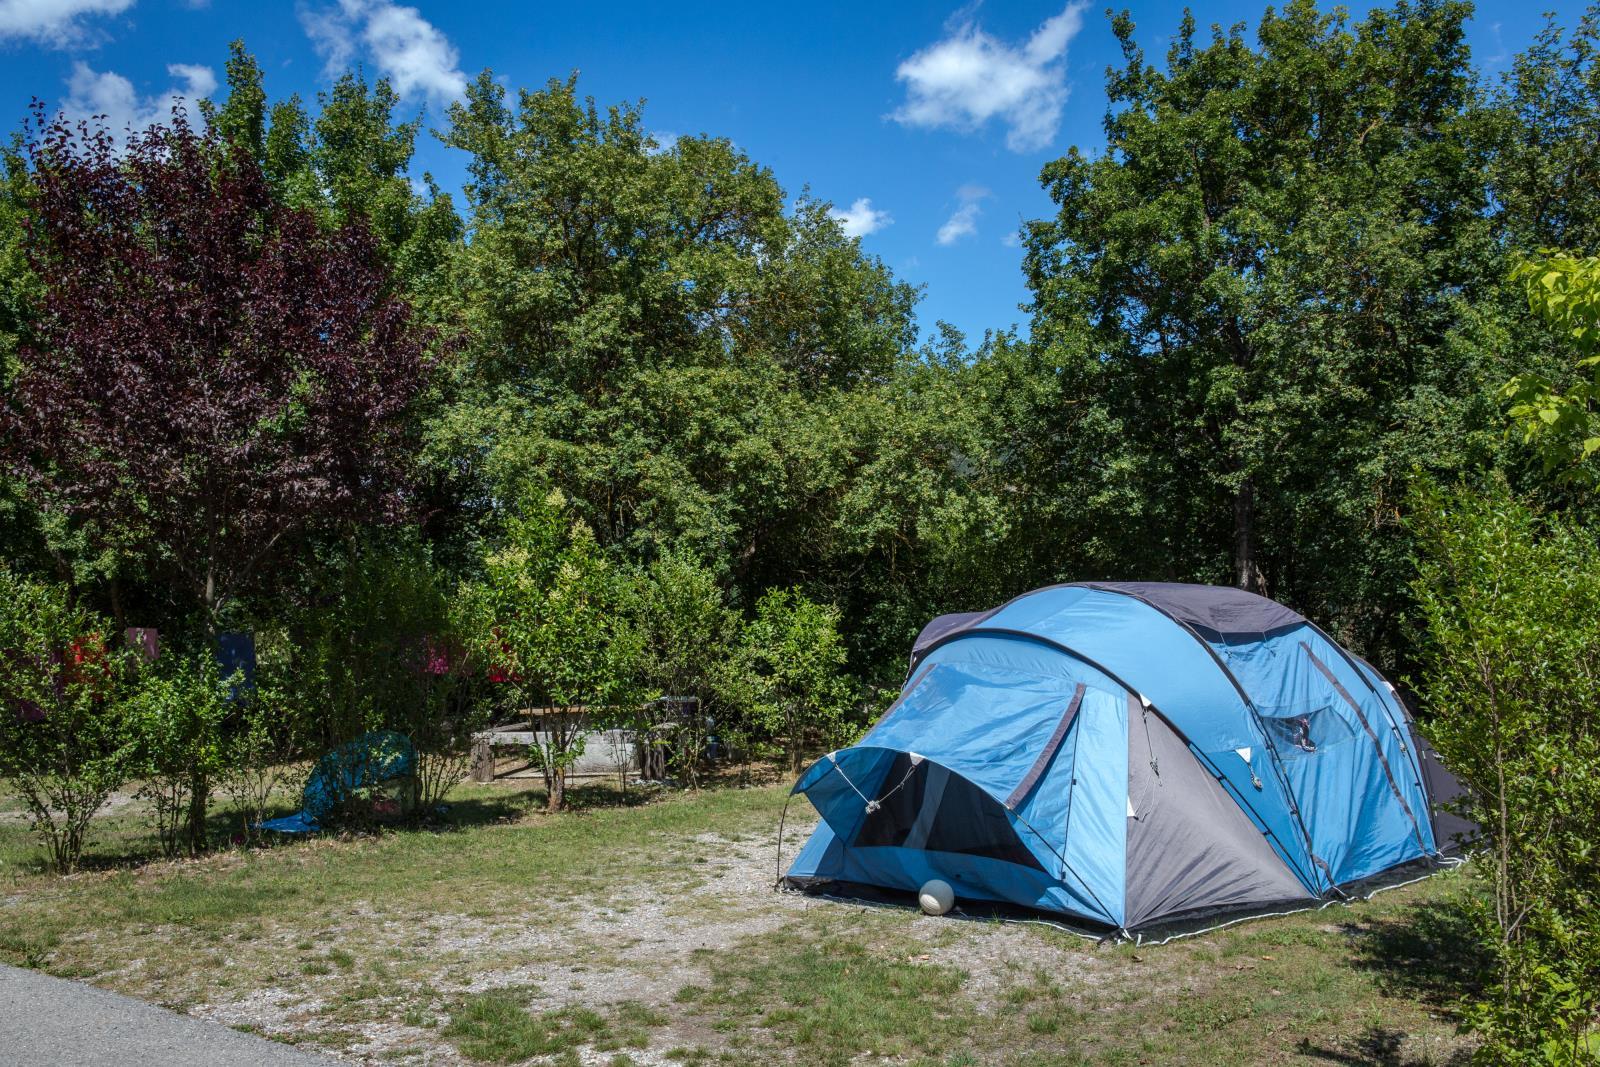 Emplacement - Forfait Emplacement Confort Grande Taille 120M² + Électricité (1 À 8 Personnes) - Camping Terra Verdon-Ciela Village